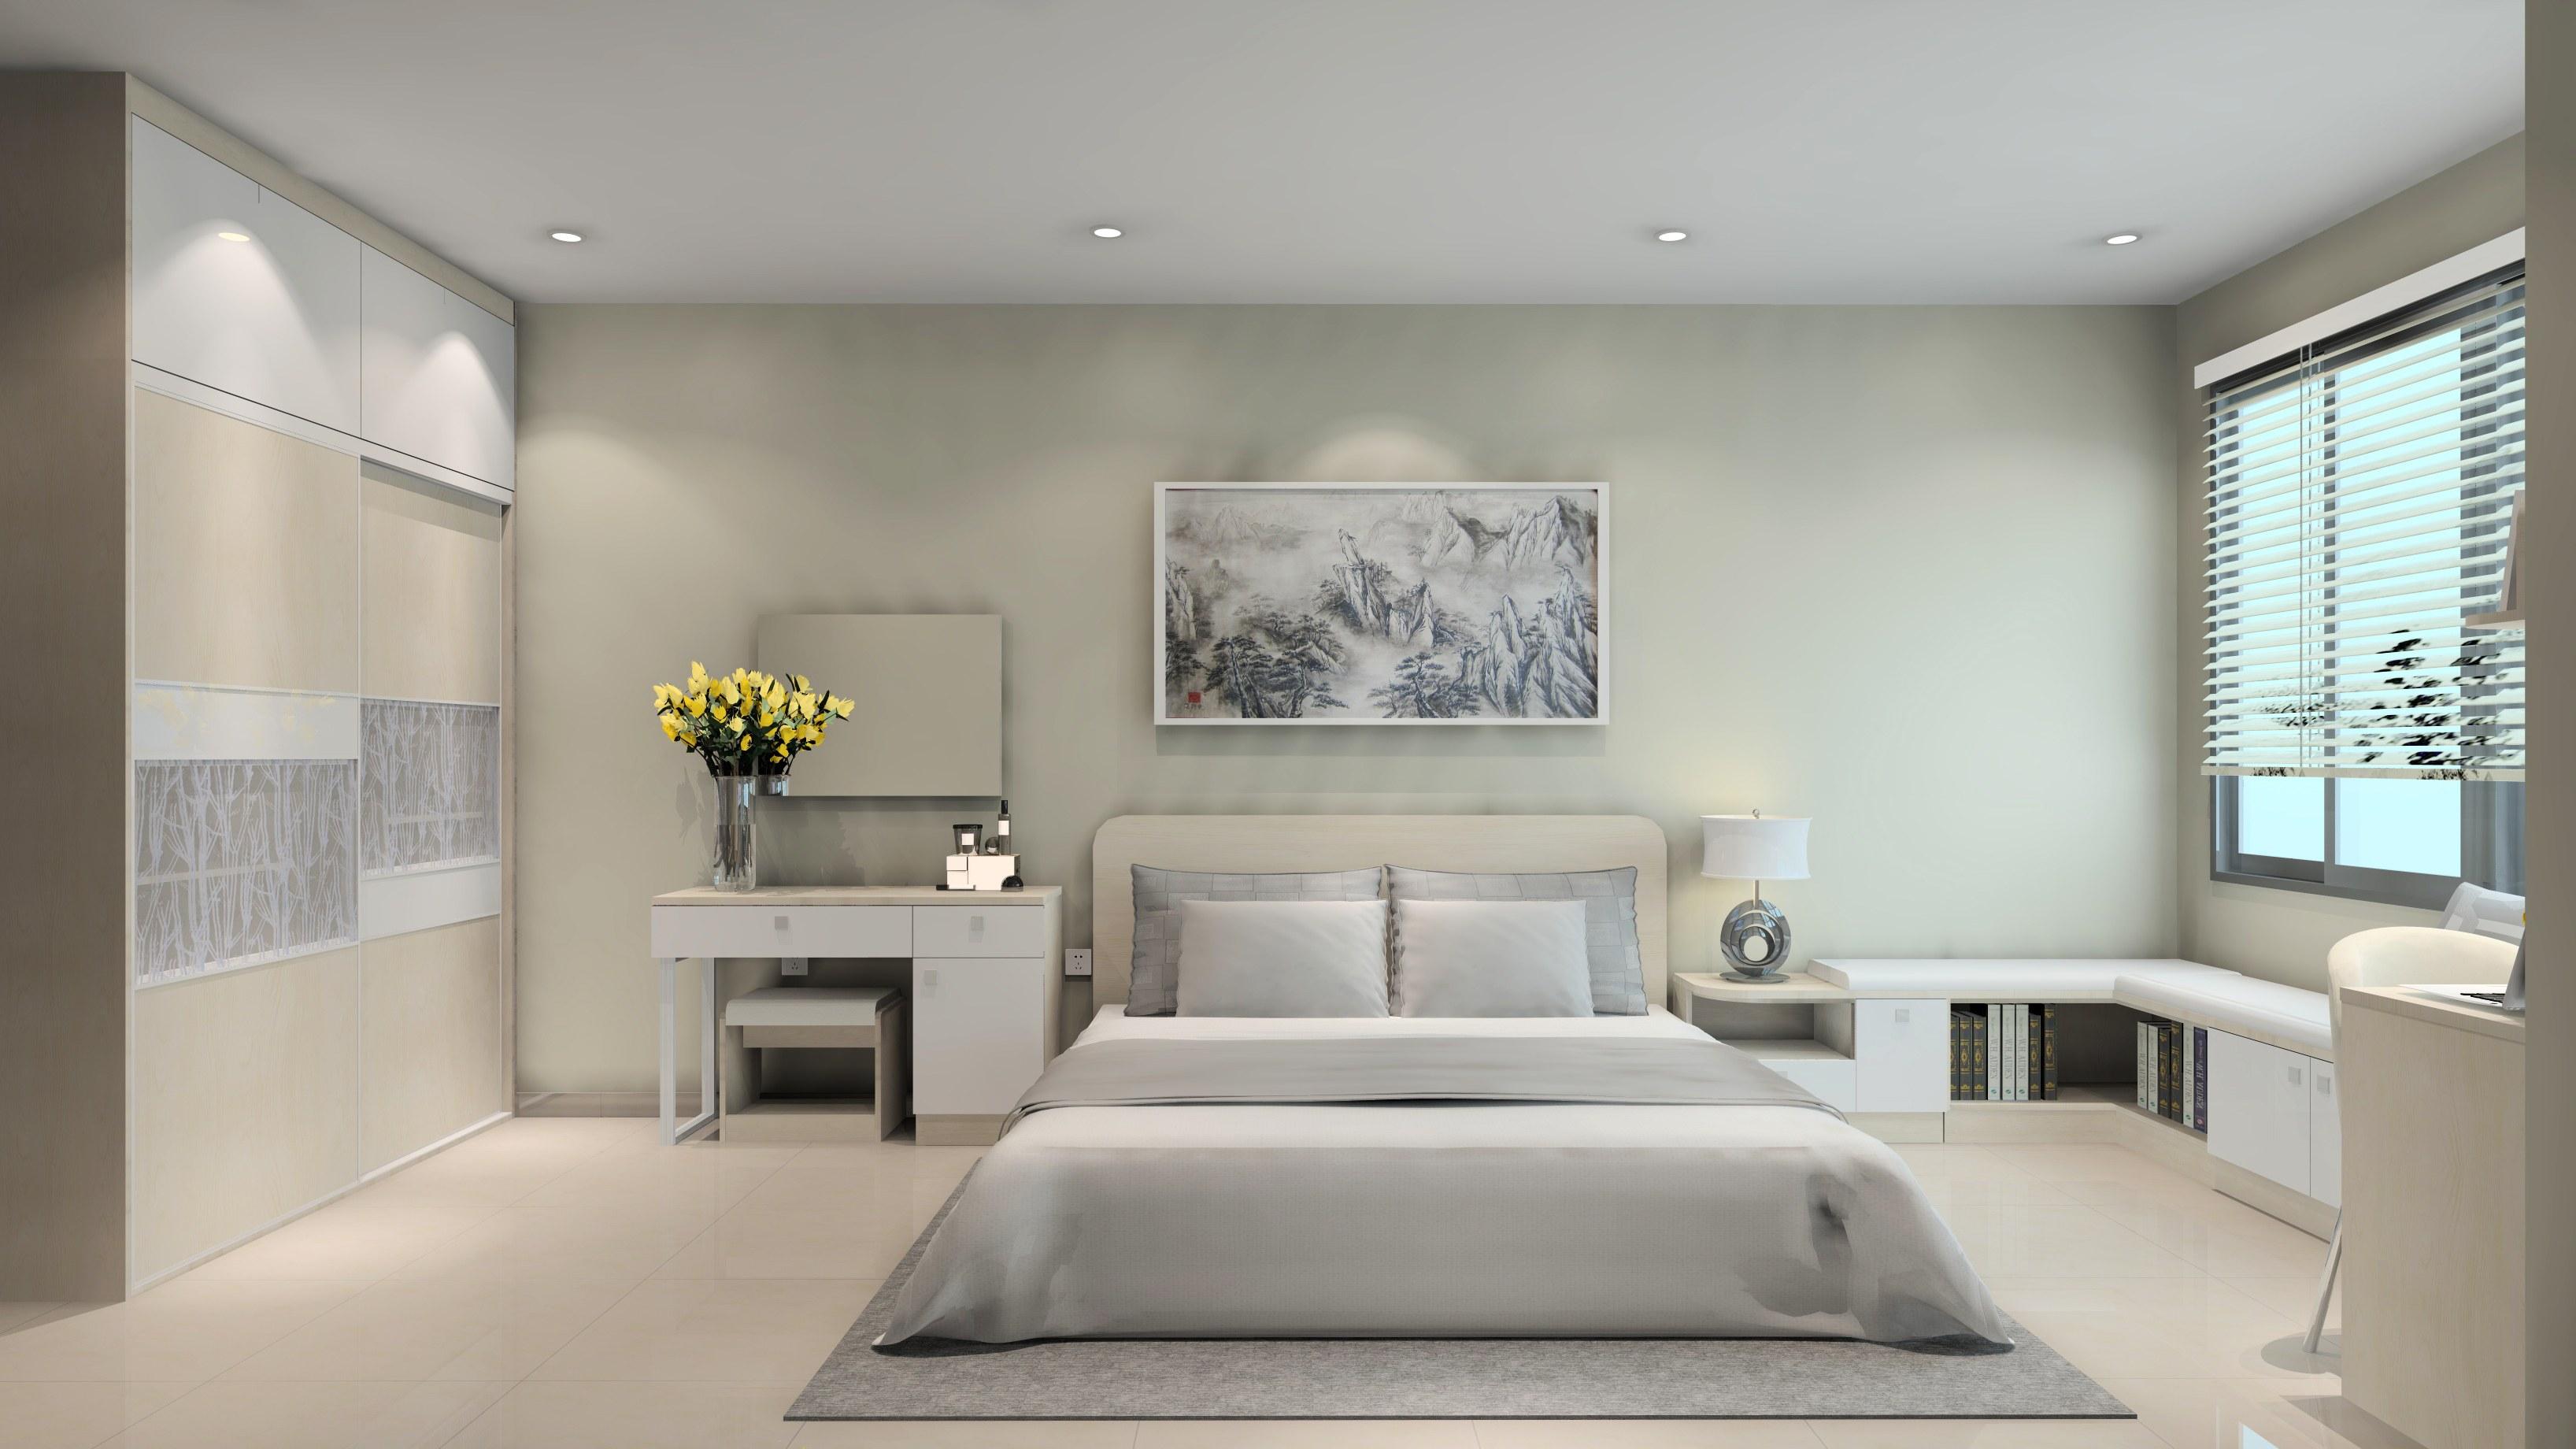 Tư vấn thiết kế nội thất căn hộ chung cư với diện tích (83m²) - Ảnh 10.